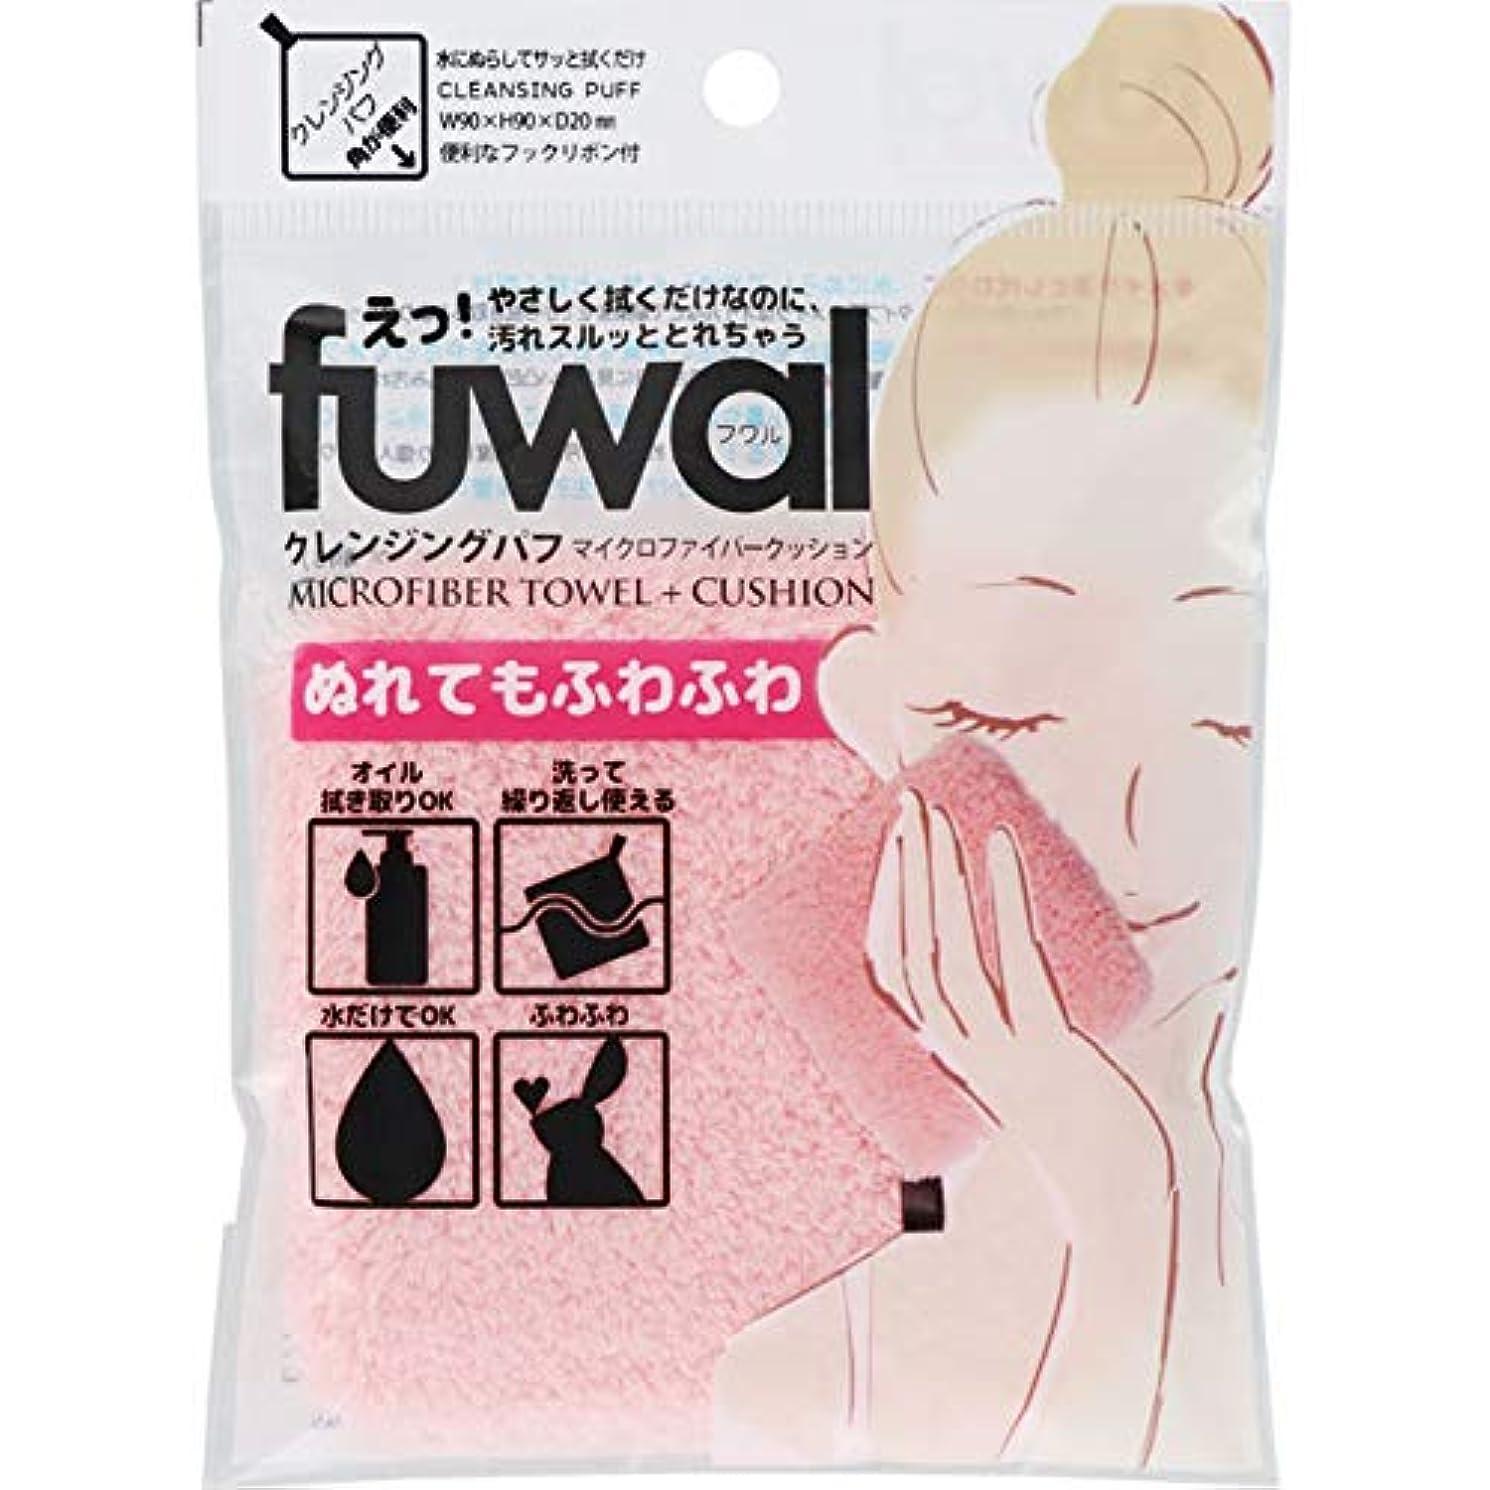 まばたきカールつまずくリヨンプランニング fuwal フワルクレンジングパフ